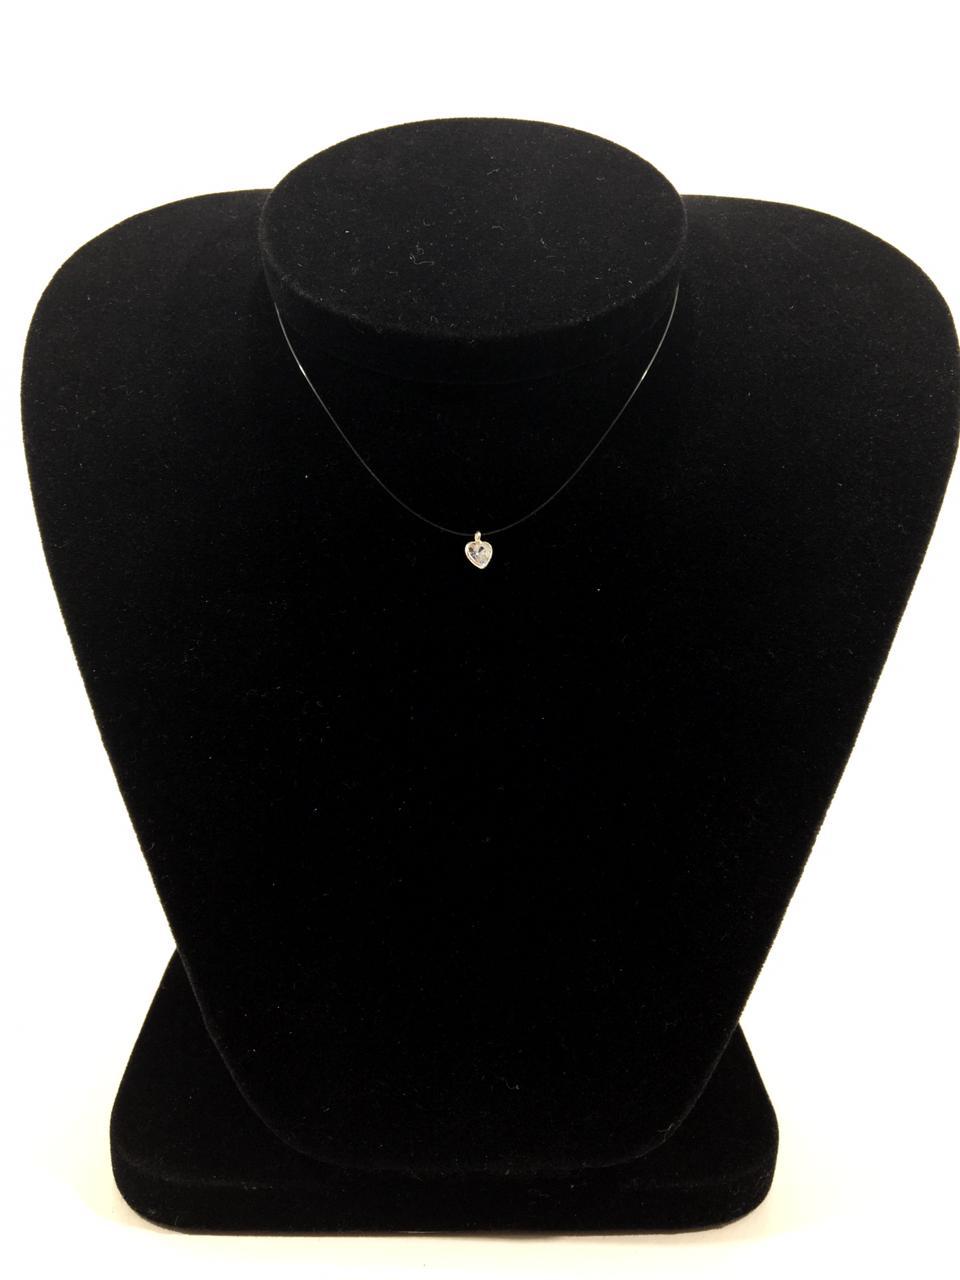 Gargantilha Nylon 40 cm com Pingente Coração  pedra de Zirconia